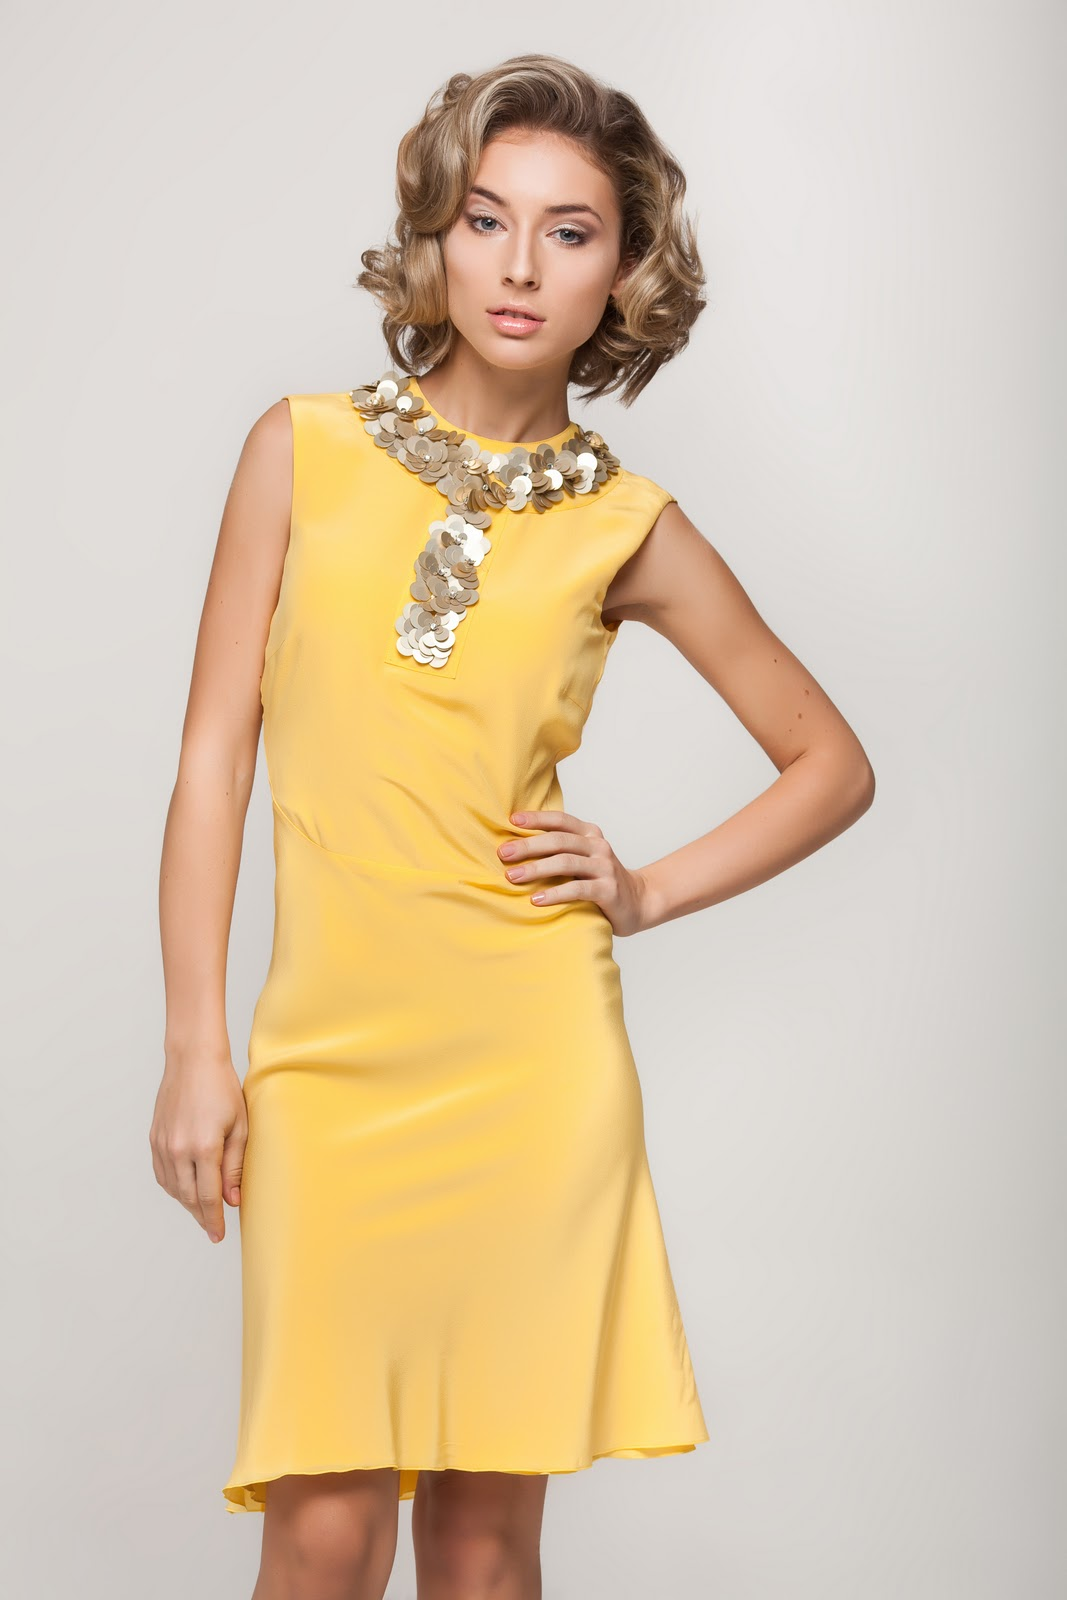 8c5a1ada017 Фотосессия для сайта по прокату вечерних платьев rcarpet.ru